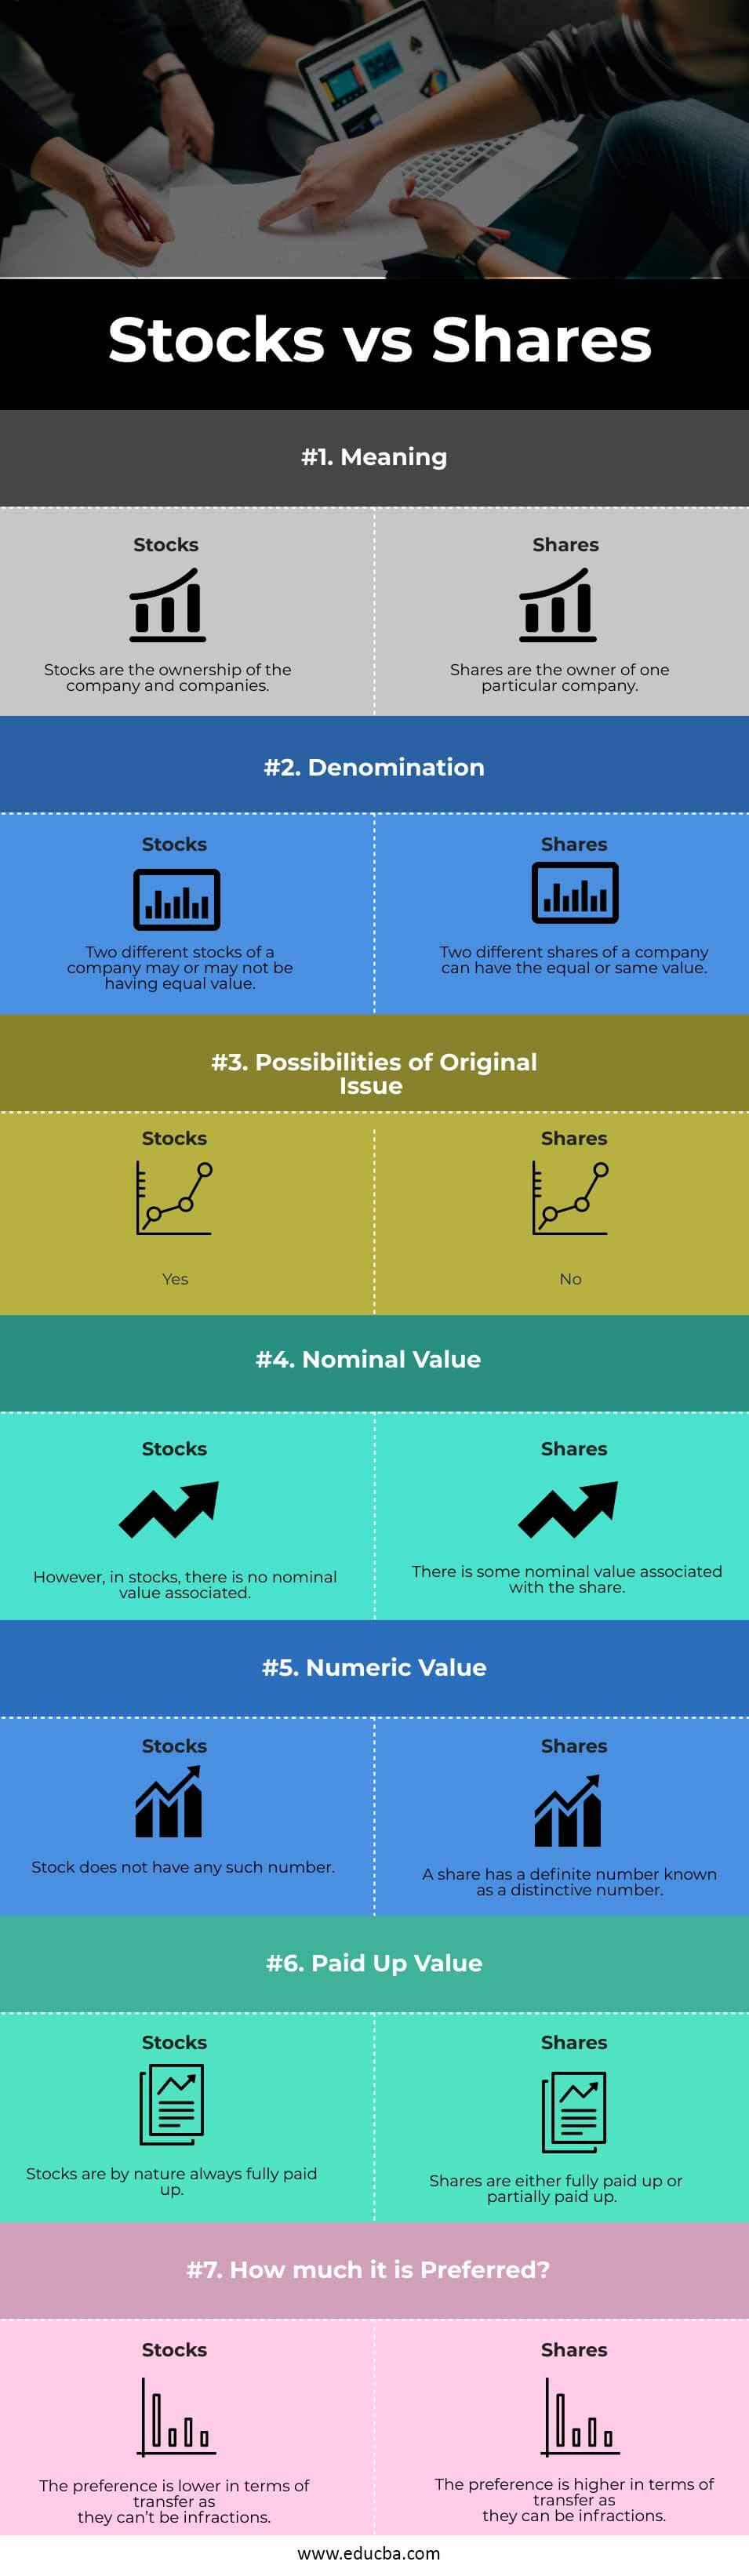 Stocks-vs-Shares-info